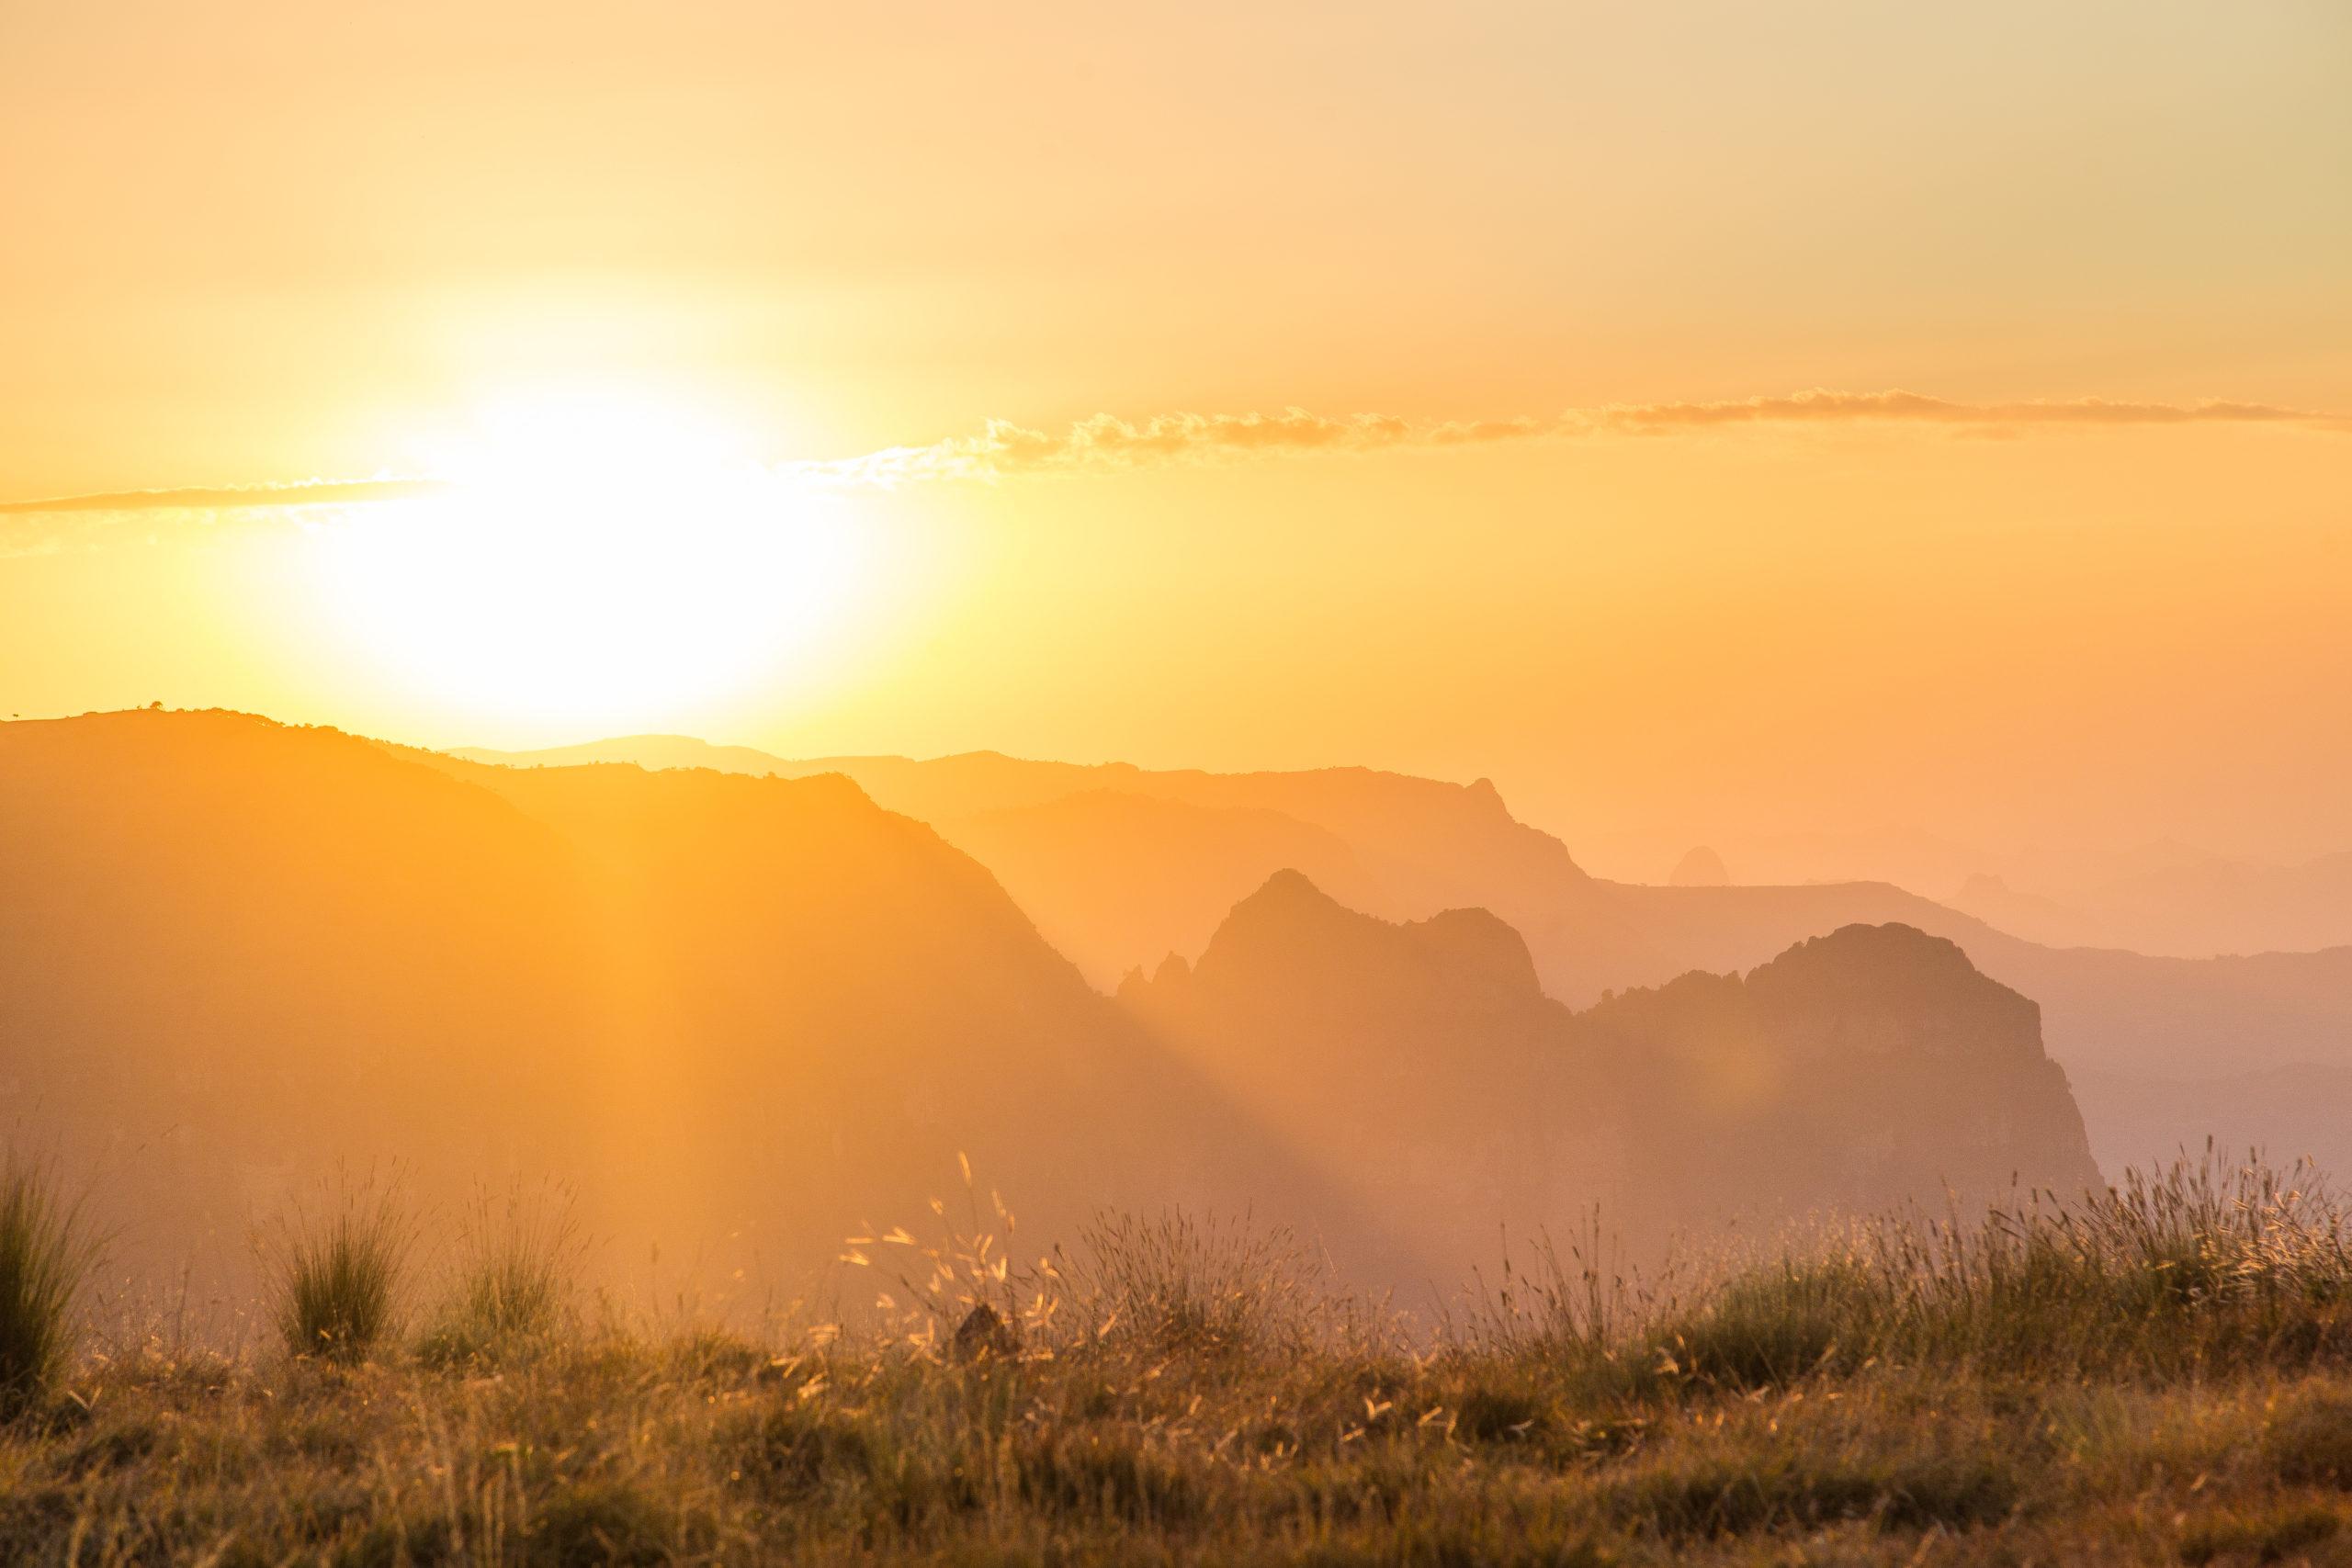 Massif du Simien Ethiopie coucher de soleil